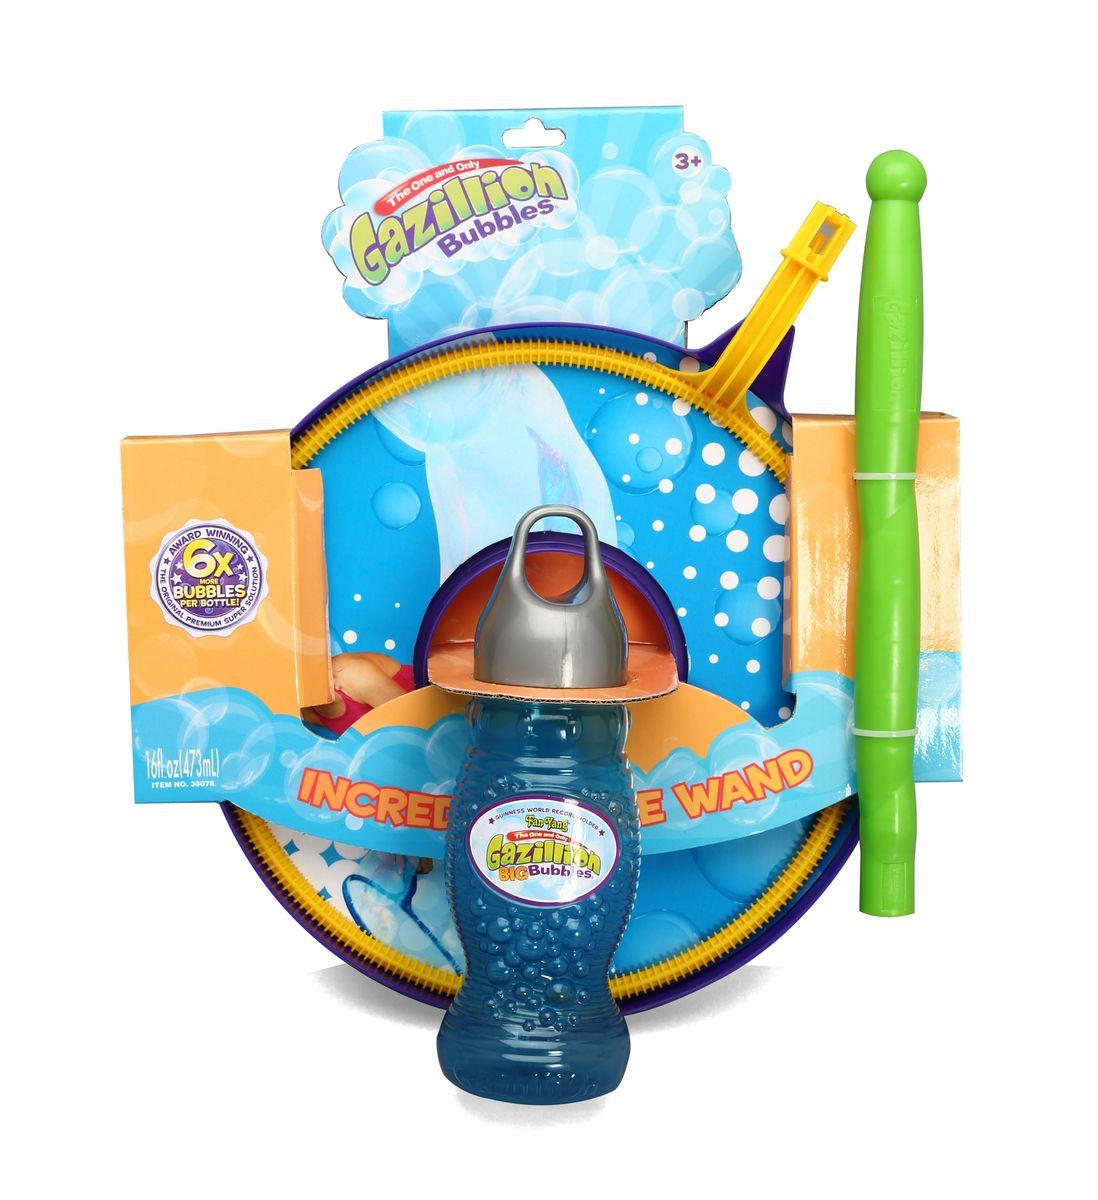 Gazillion Bubbles Игровой набор для пускания мыльных пузырей Fan Yang